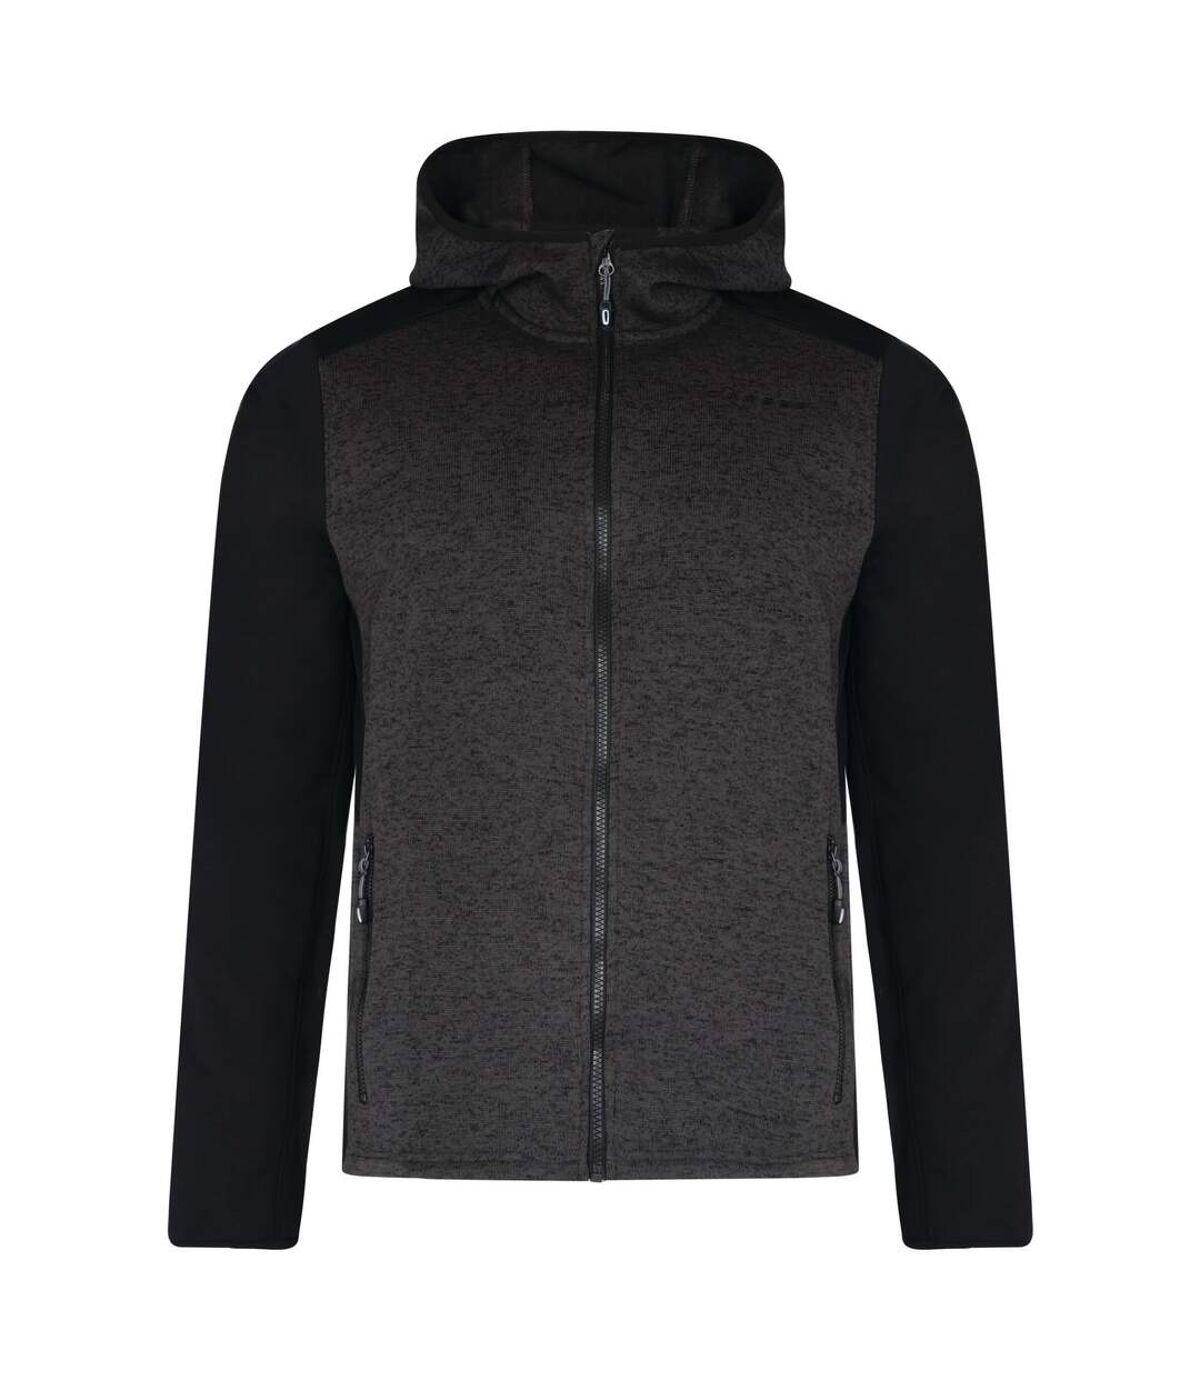 Dare 2B Mens Igneous Softshell Hoodie (Charcoal/Black) - UTRG3907